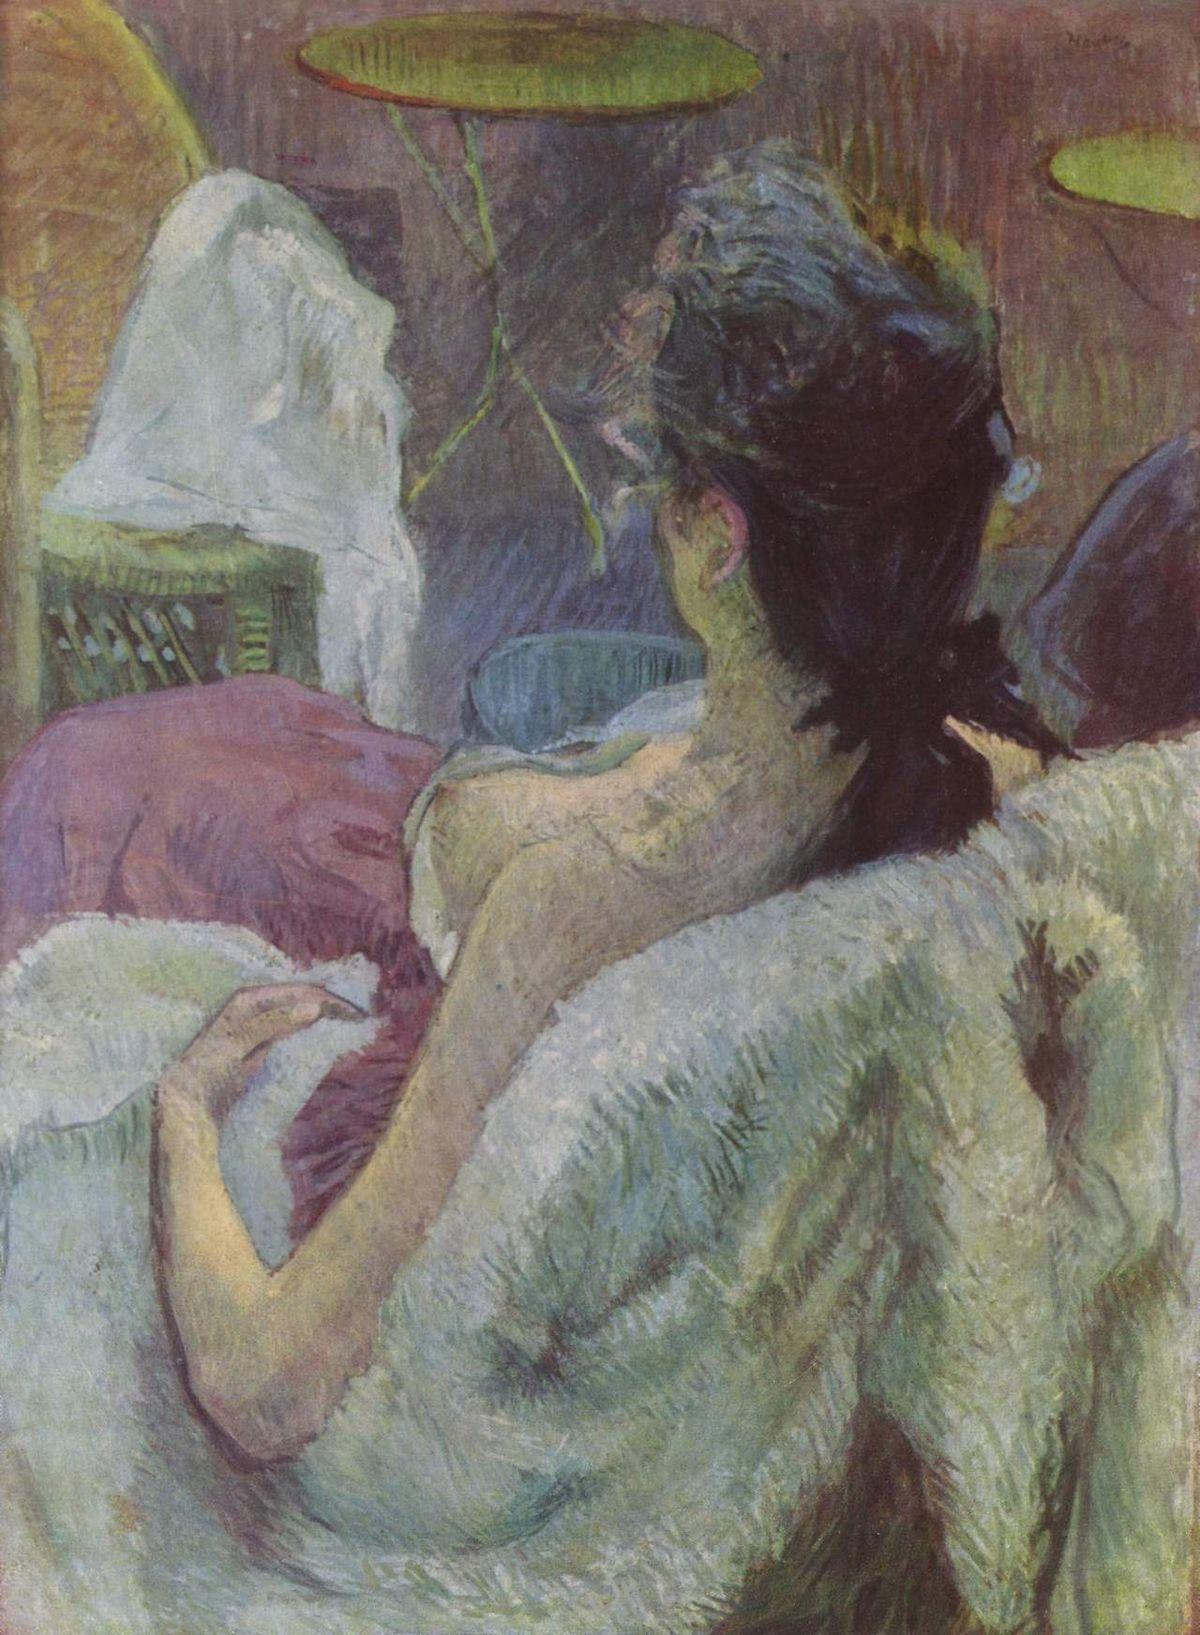 Henri de Toulouse-Lautrec - Ruhendes Modell (1896)